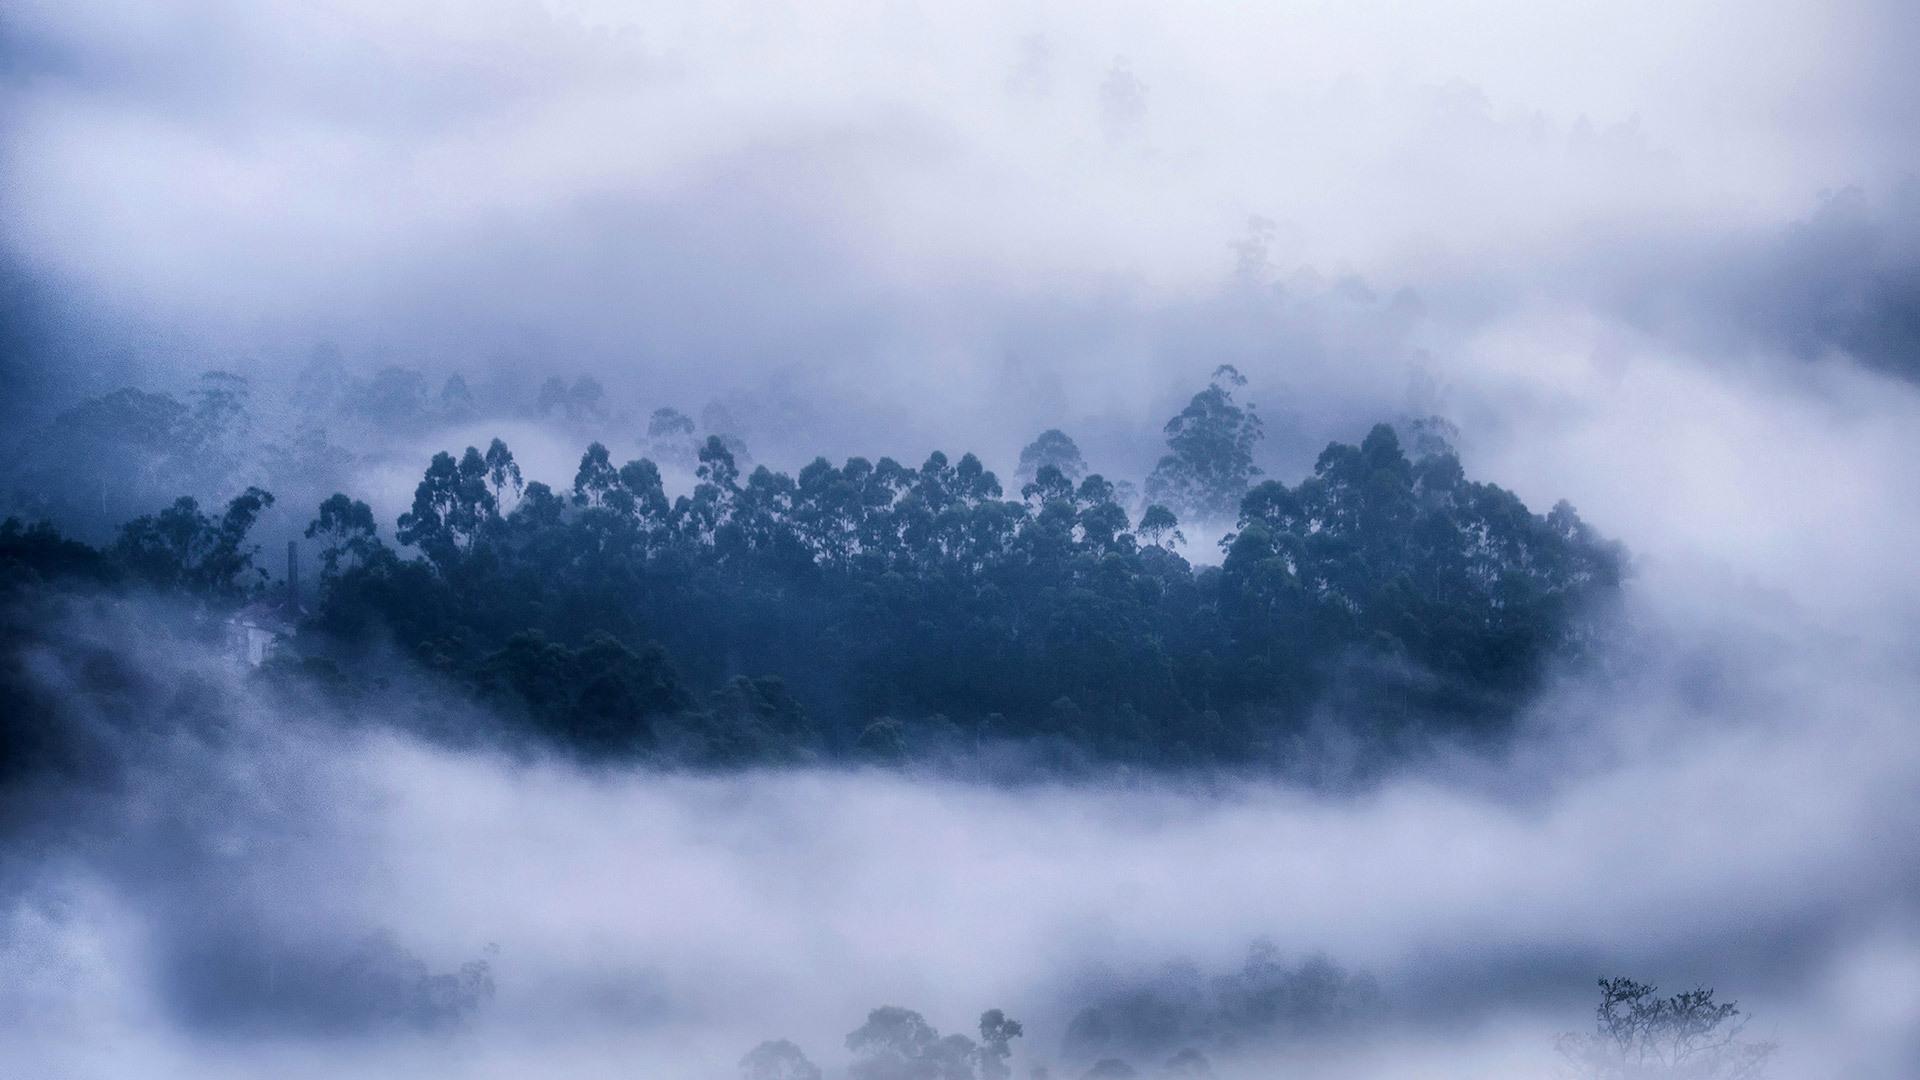 雾气环绕的森林喀拉拉邦慕那尔市